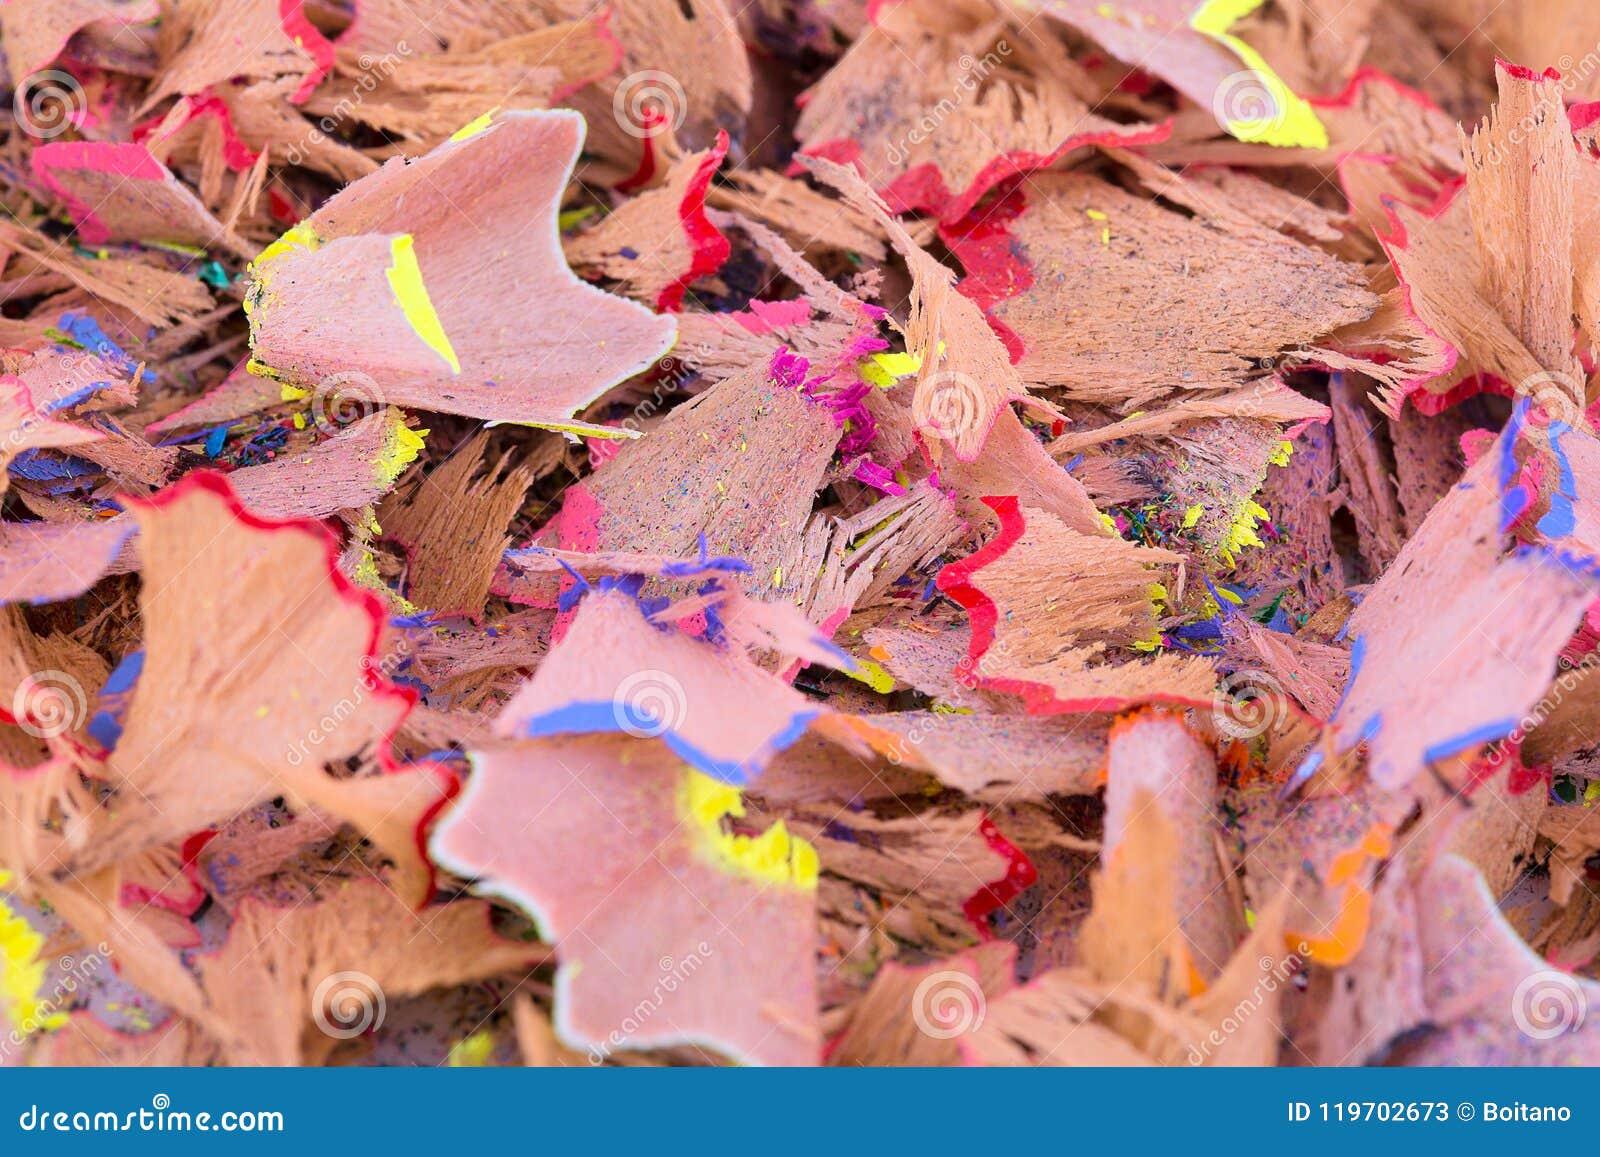 Farbbleistift rasiert Hintergrund Bunte Bleistiftschnitzel in der Nahaufnahme Zeichnen Schnitzeltapete an